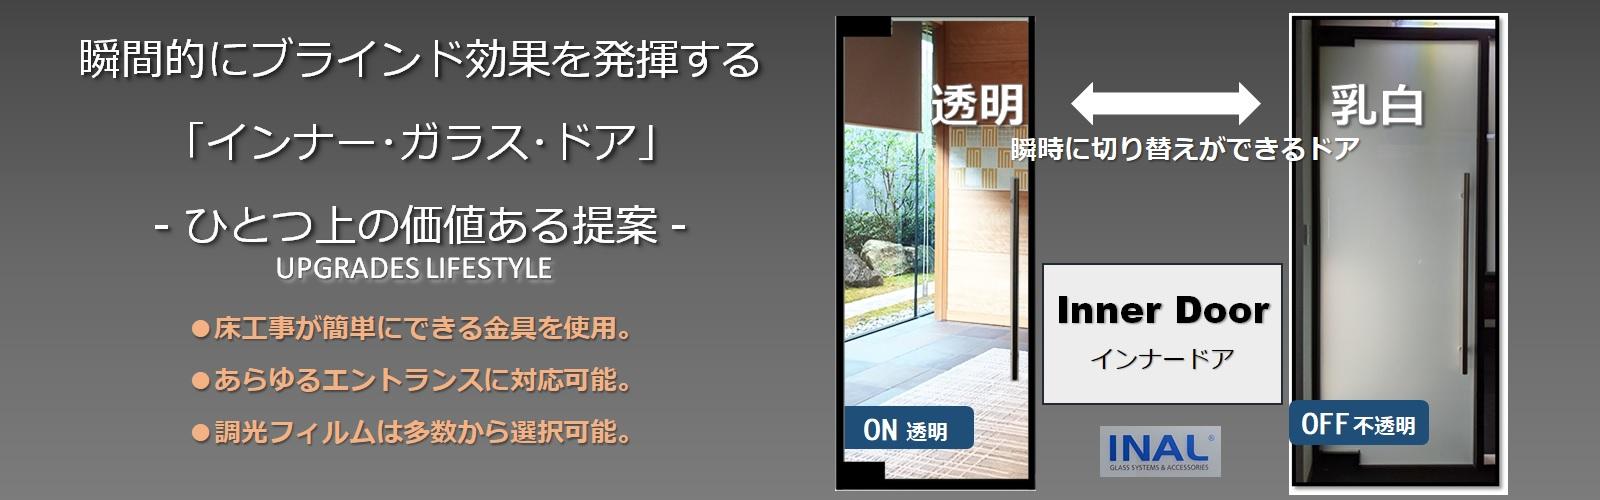 インナーガラスドア,inner_door,瞬間調光ガラス,フィルム,ブラインド